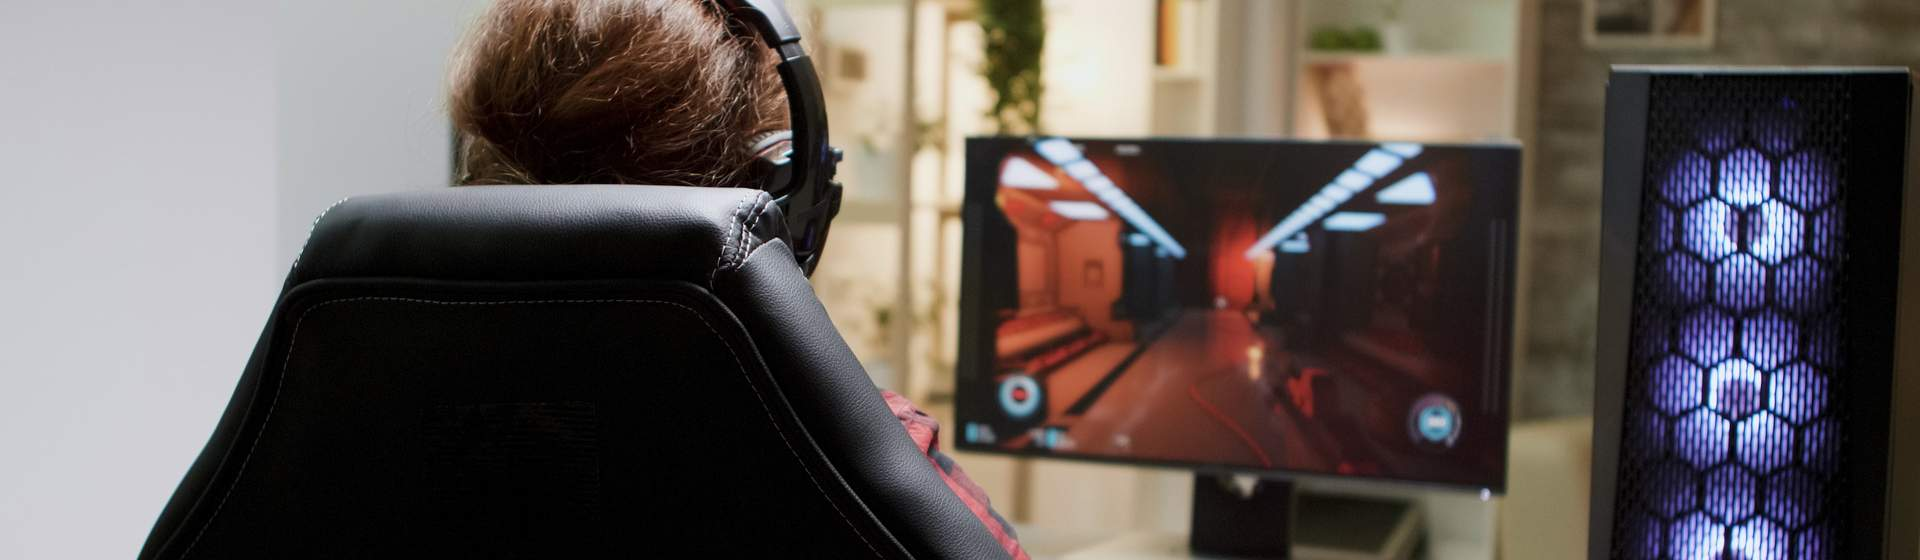 Melhor monitor gamer 144Hz e 240Hz para comprar em 2021: 9 modelos